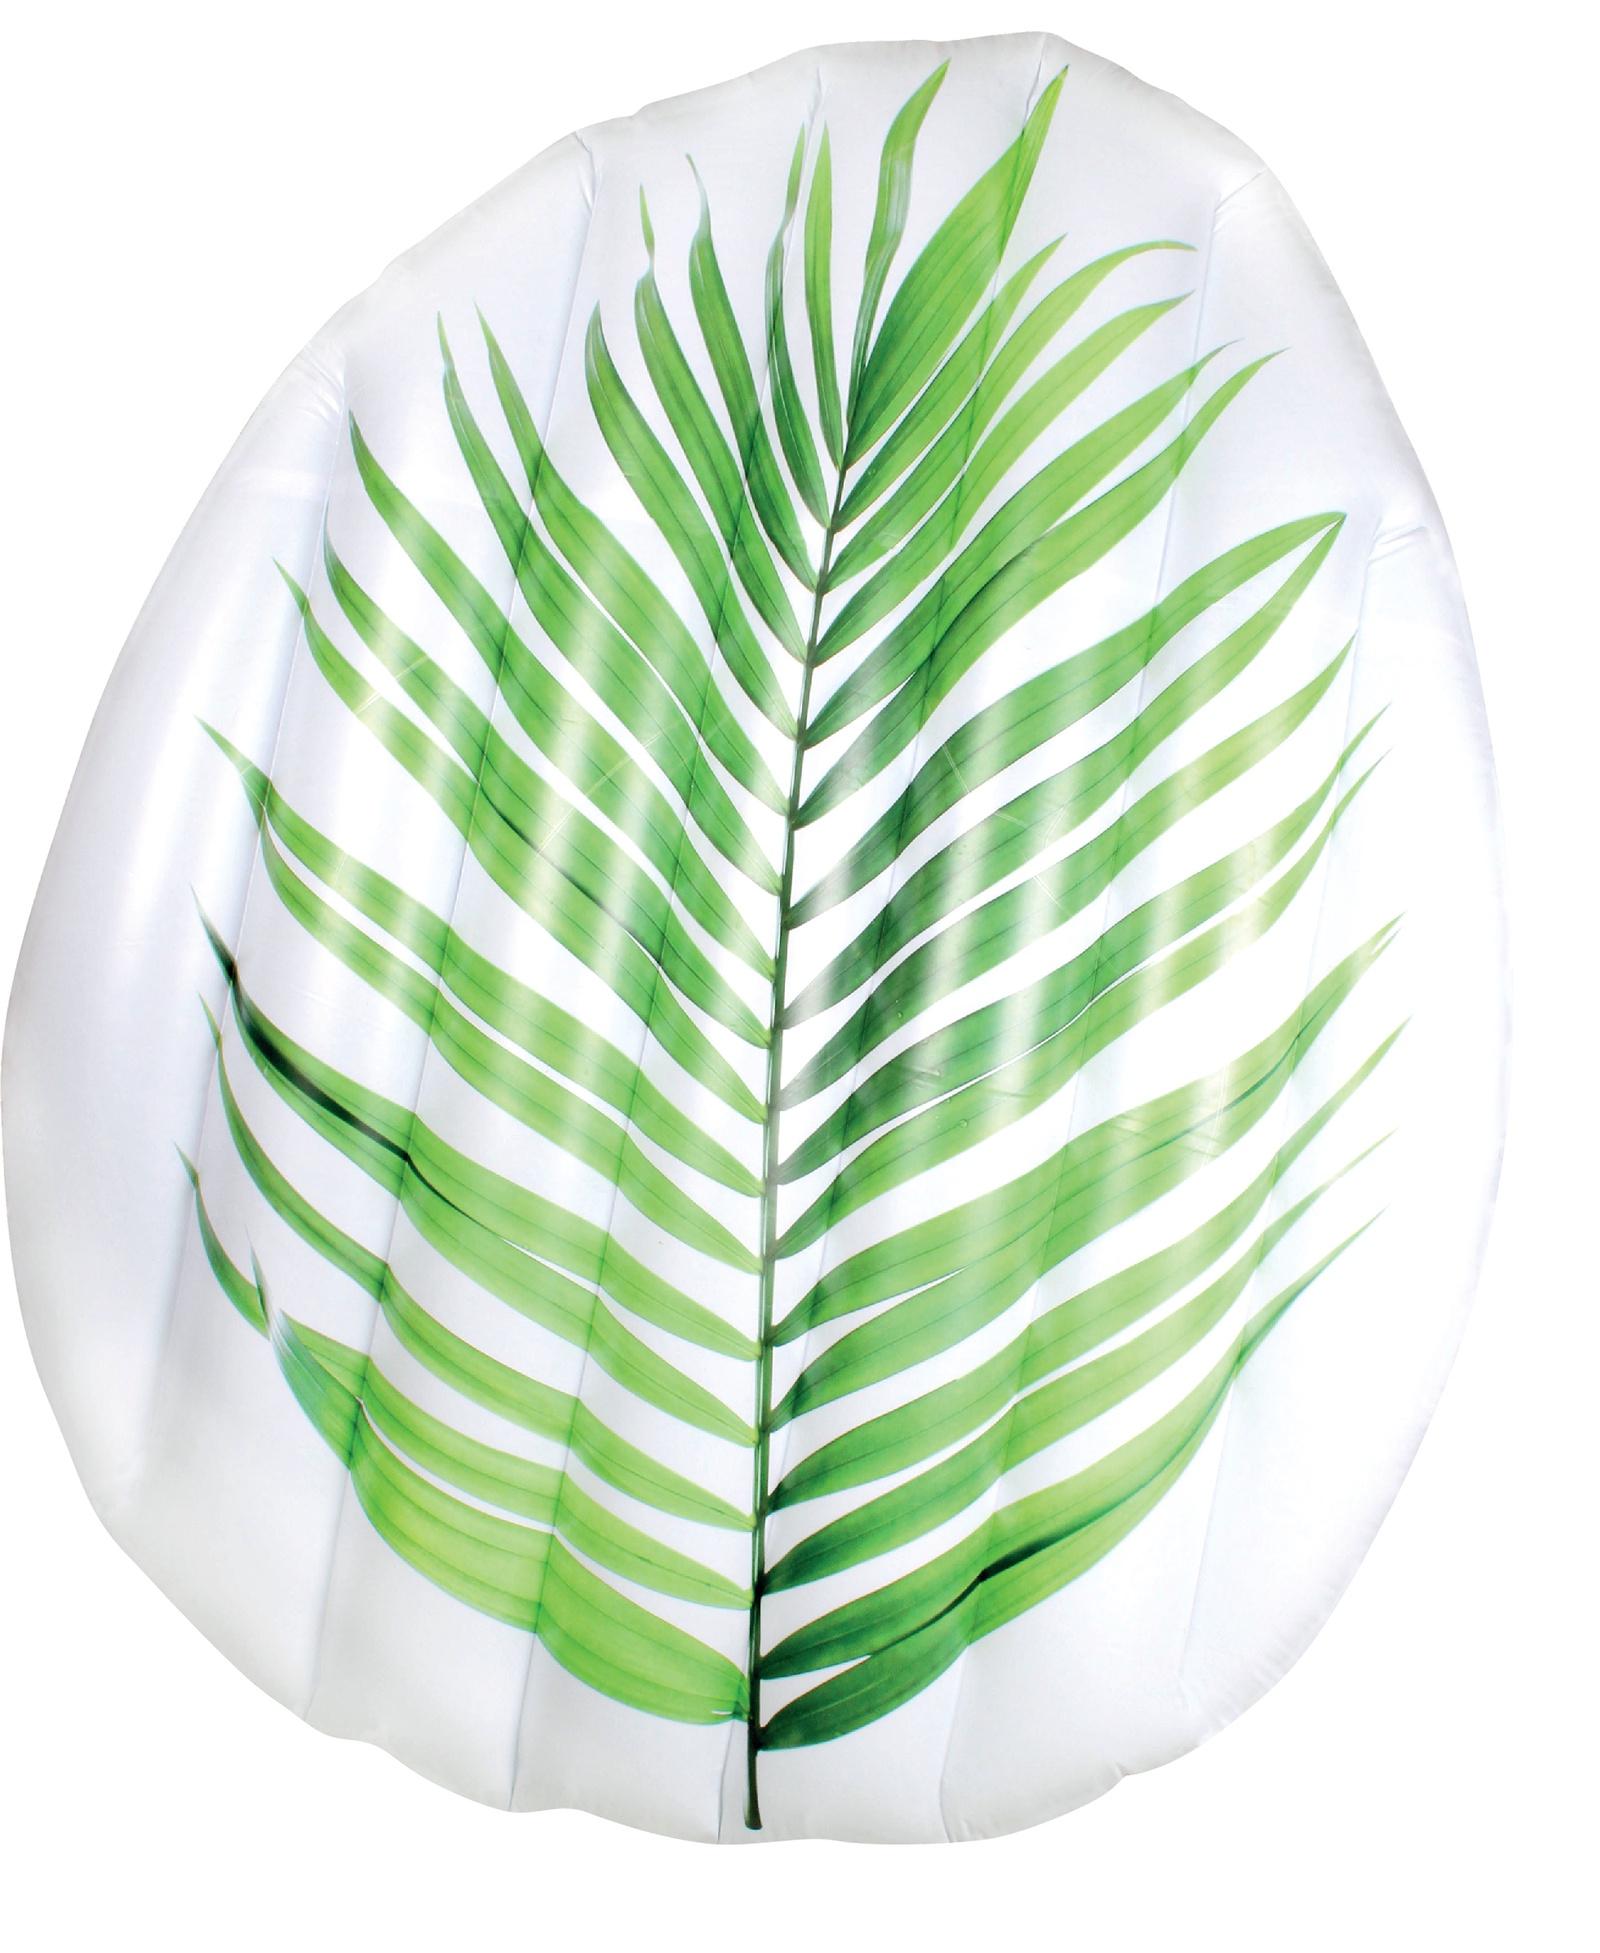 Матрас надувной Пальмовая ветвь 179 х 144 х 24 см